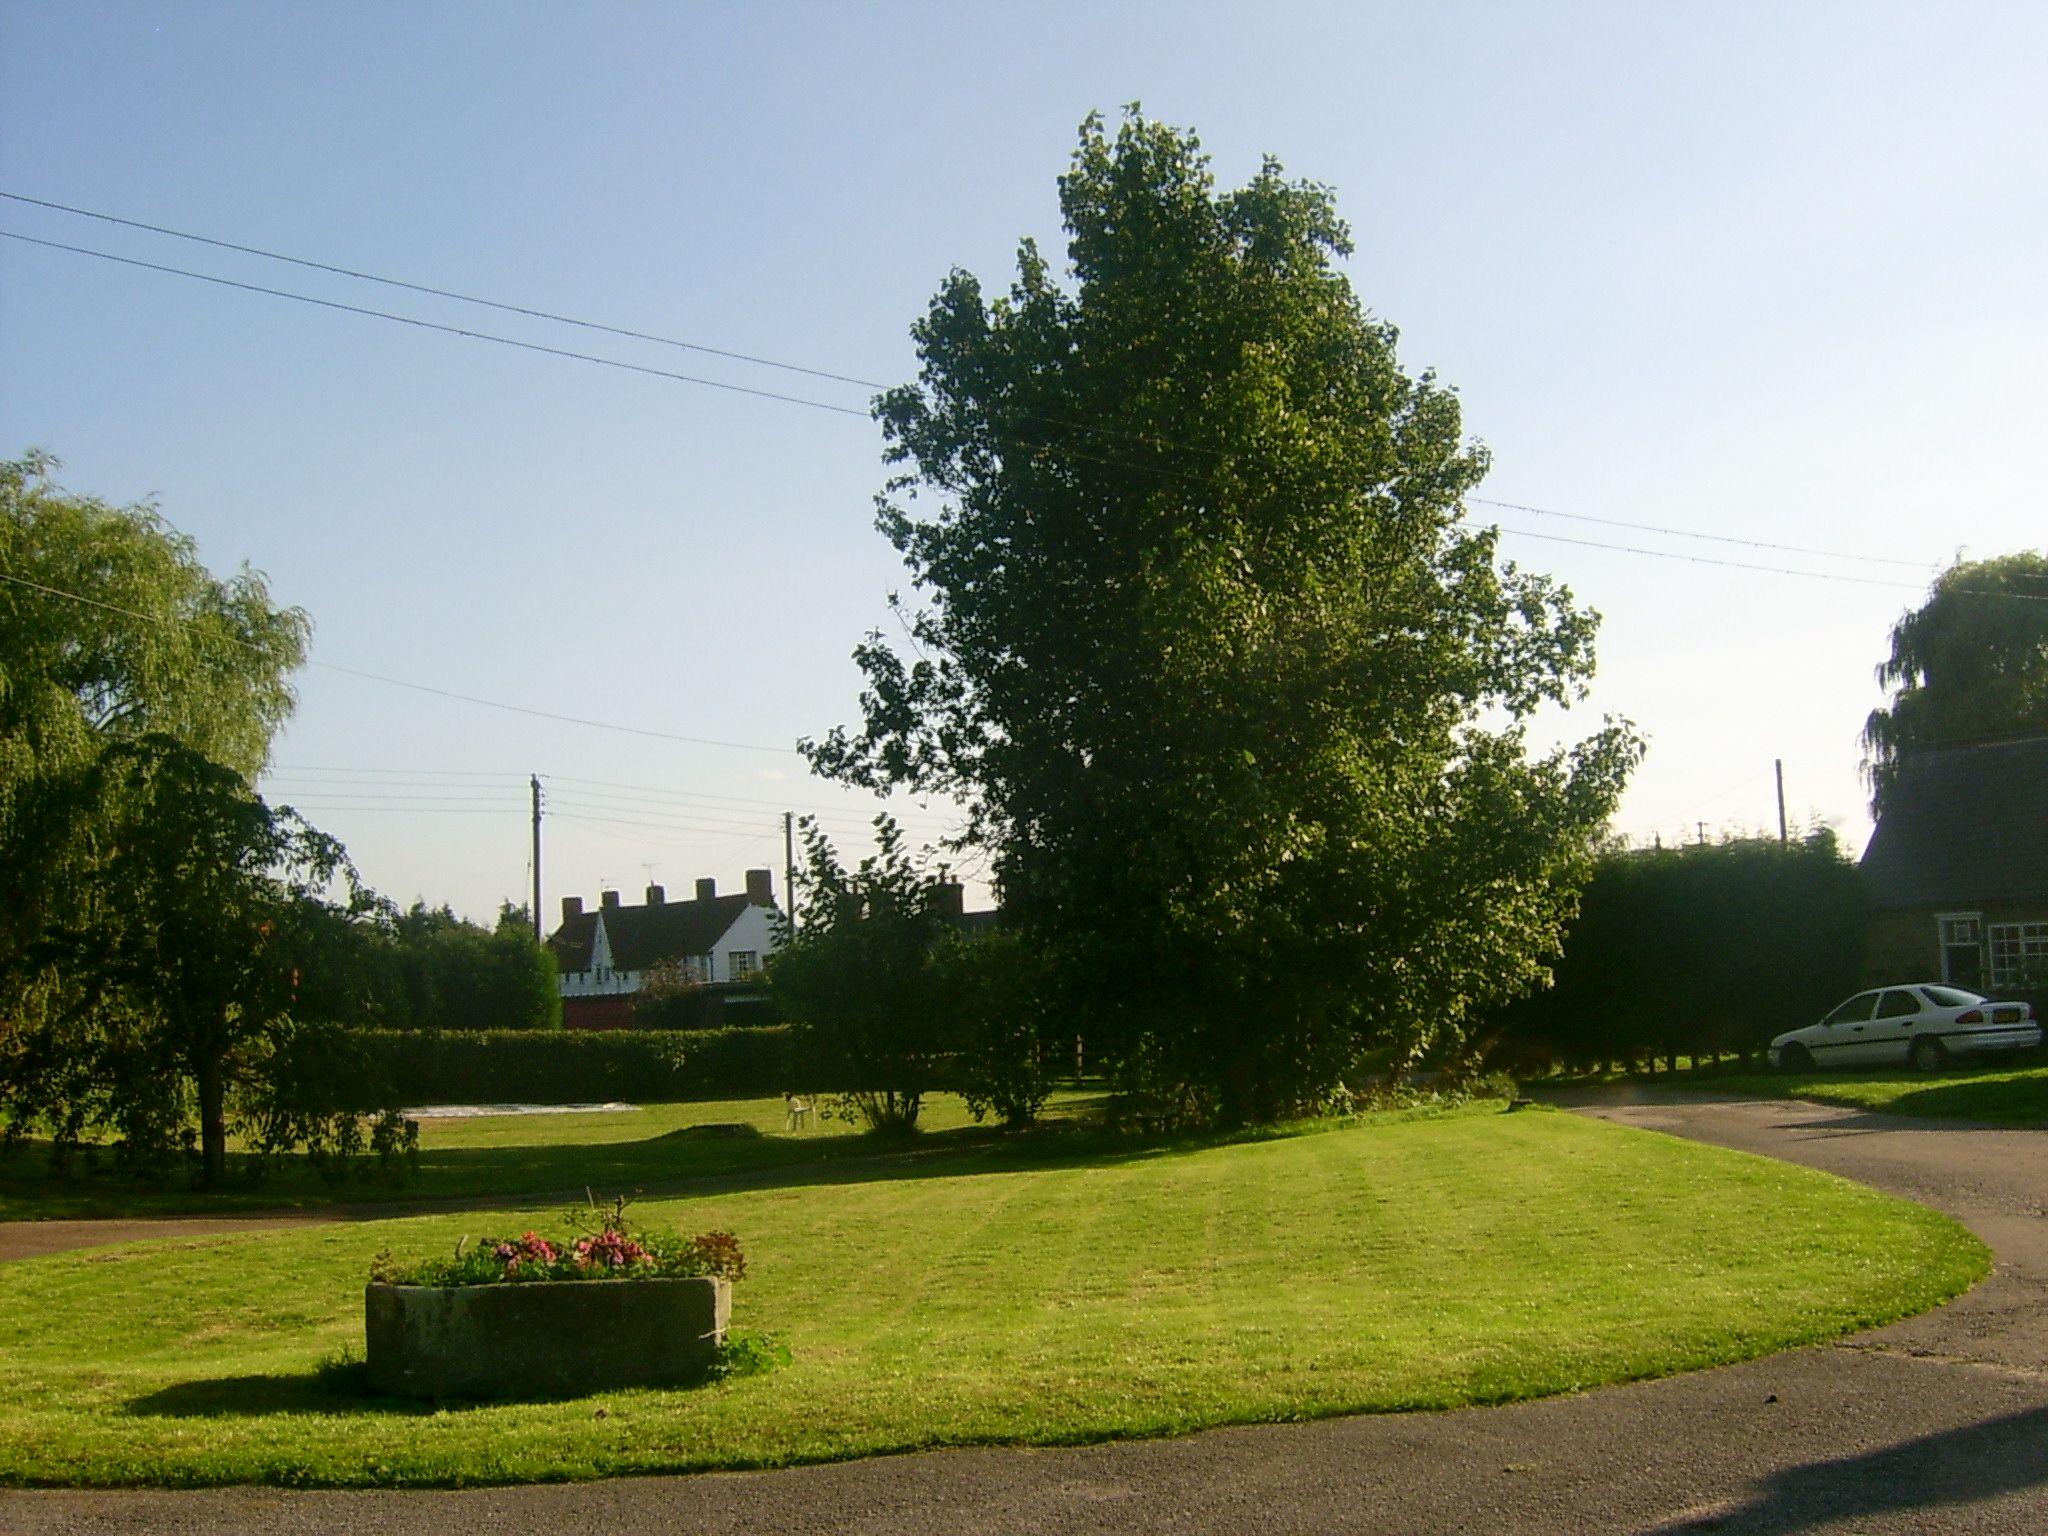 Freshly cut lawn...